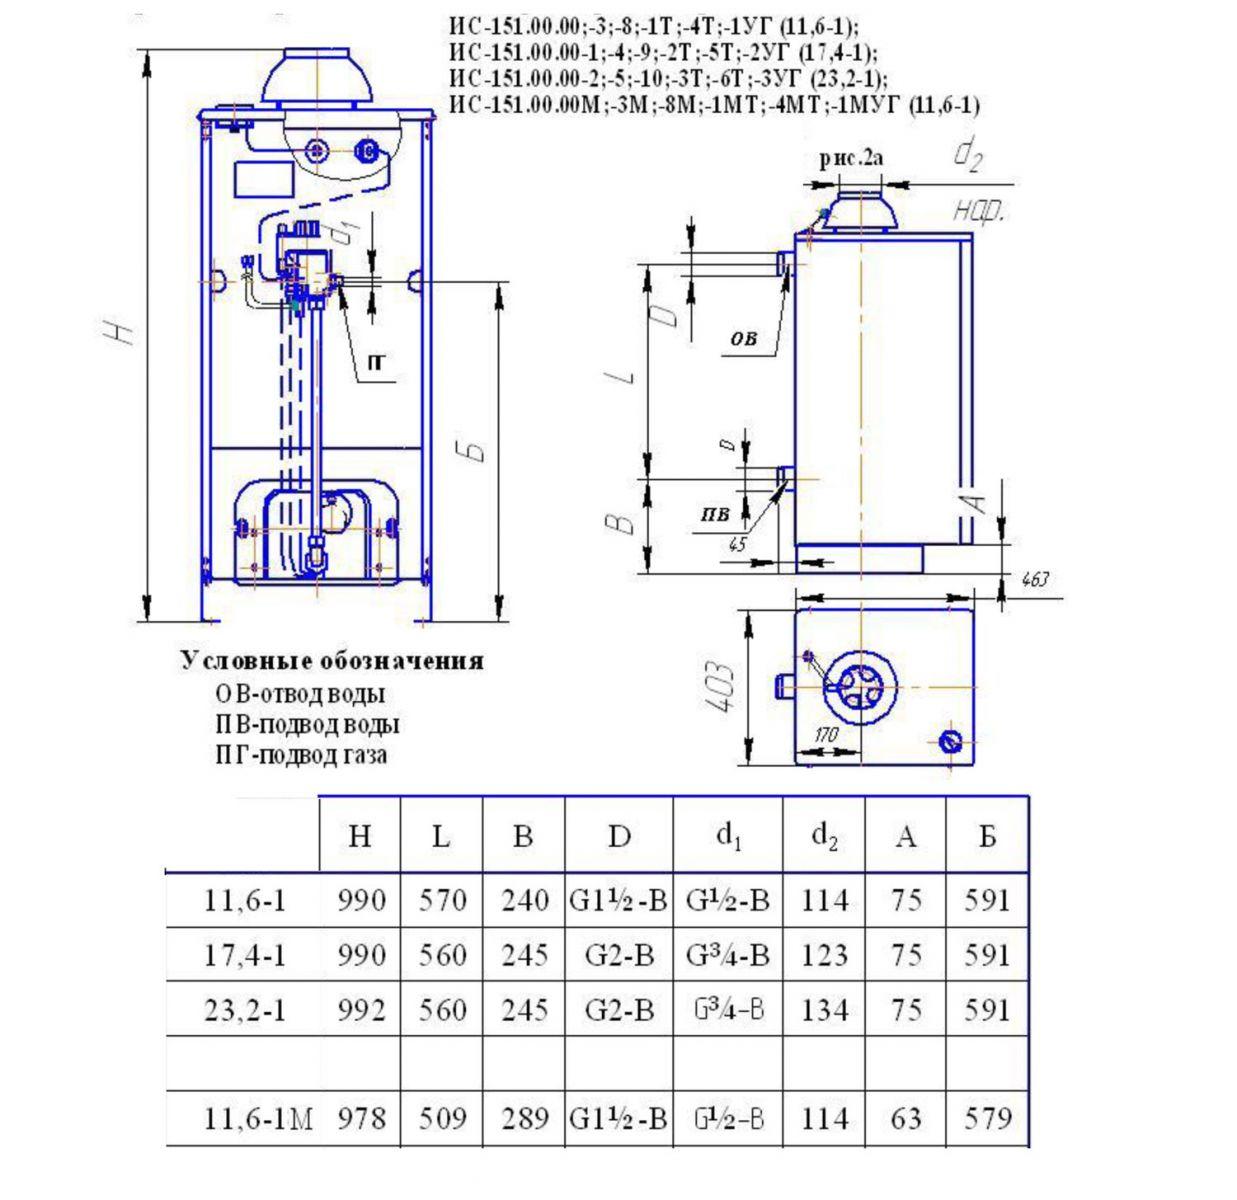 Котел агв 80: технические характеристики и особенности